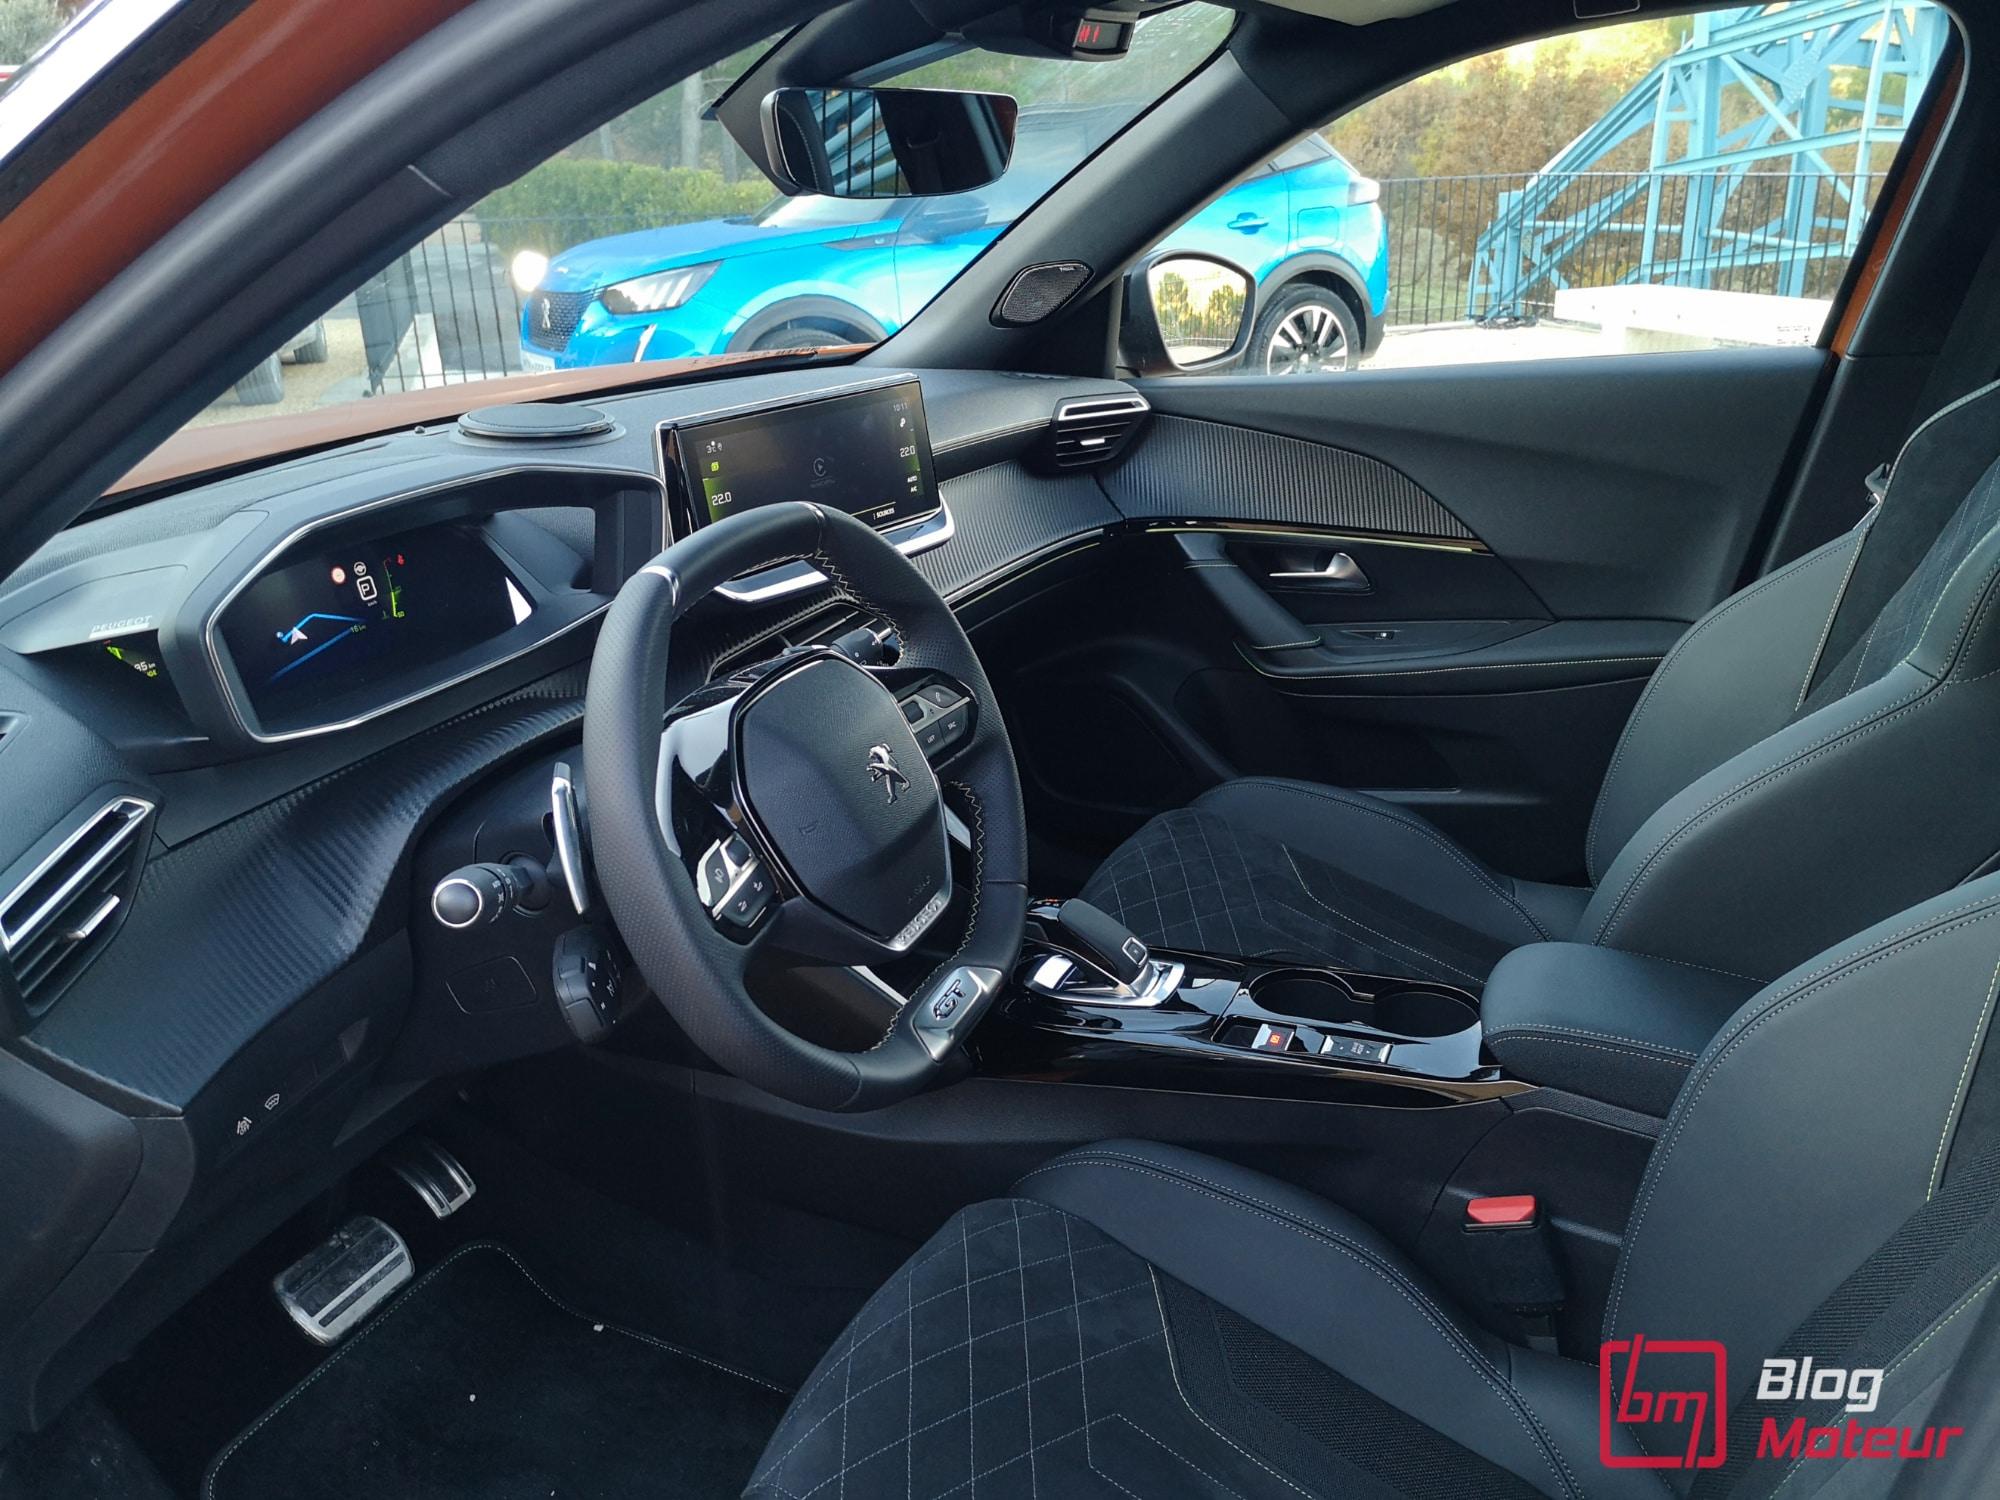 2008 first test drive - intérieur et vue e-2008